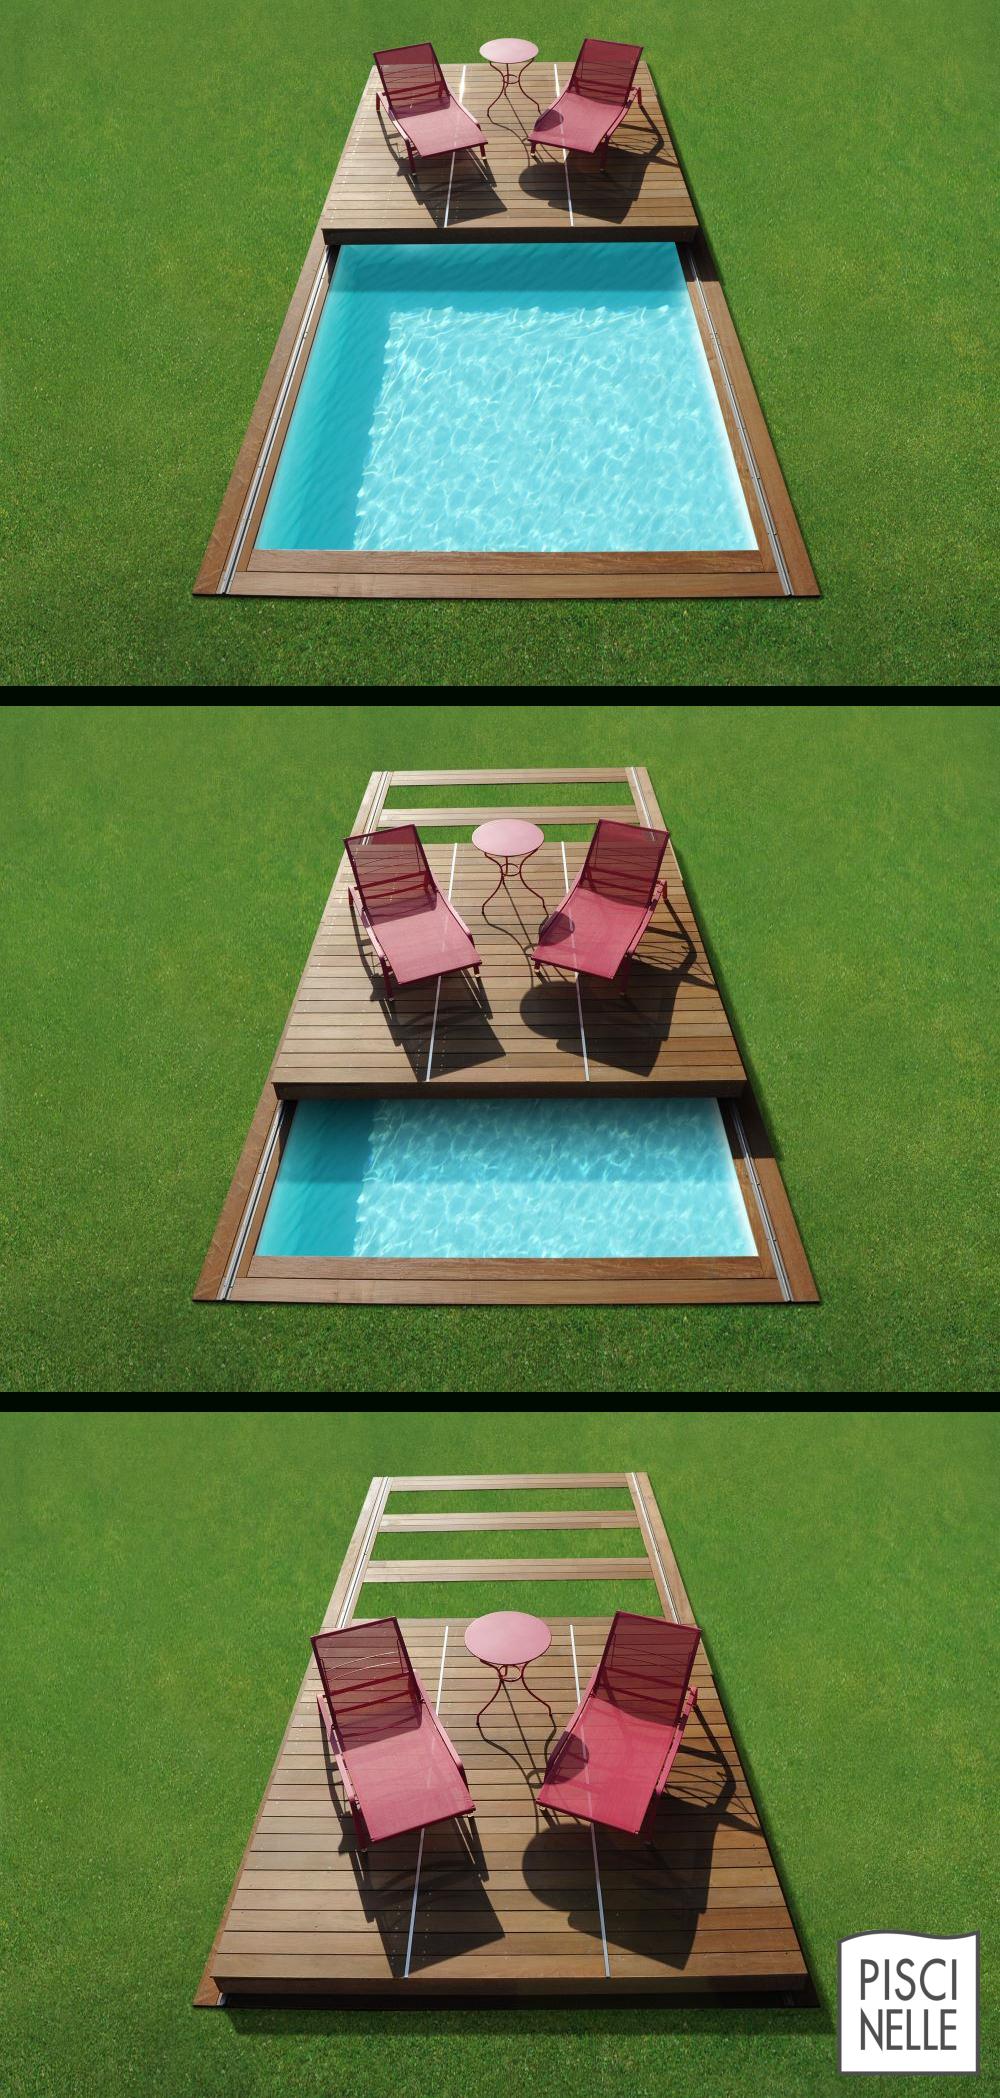 Terrasse-De-Piscine-Amovible-Rolling-Deck-Piscinelle.png 1 ... serapportantà Couverture Terrasse Amovible